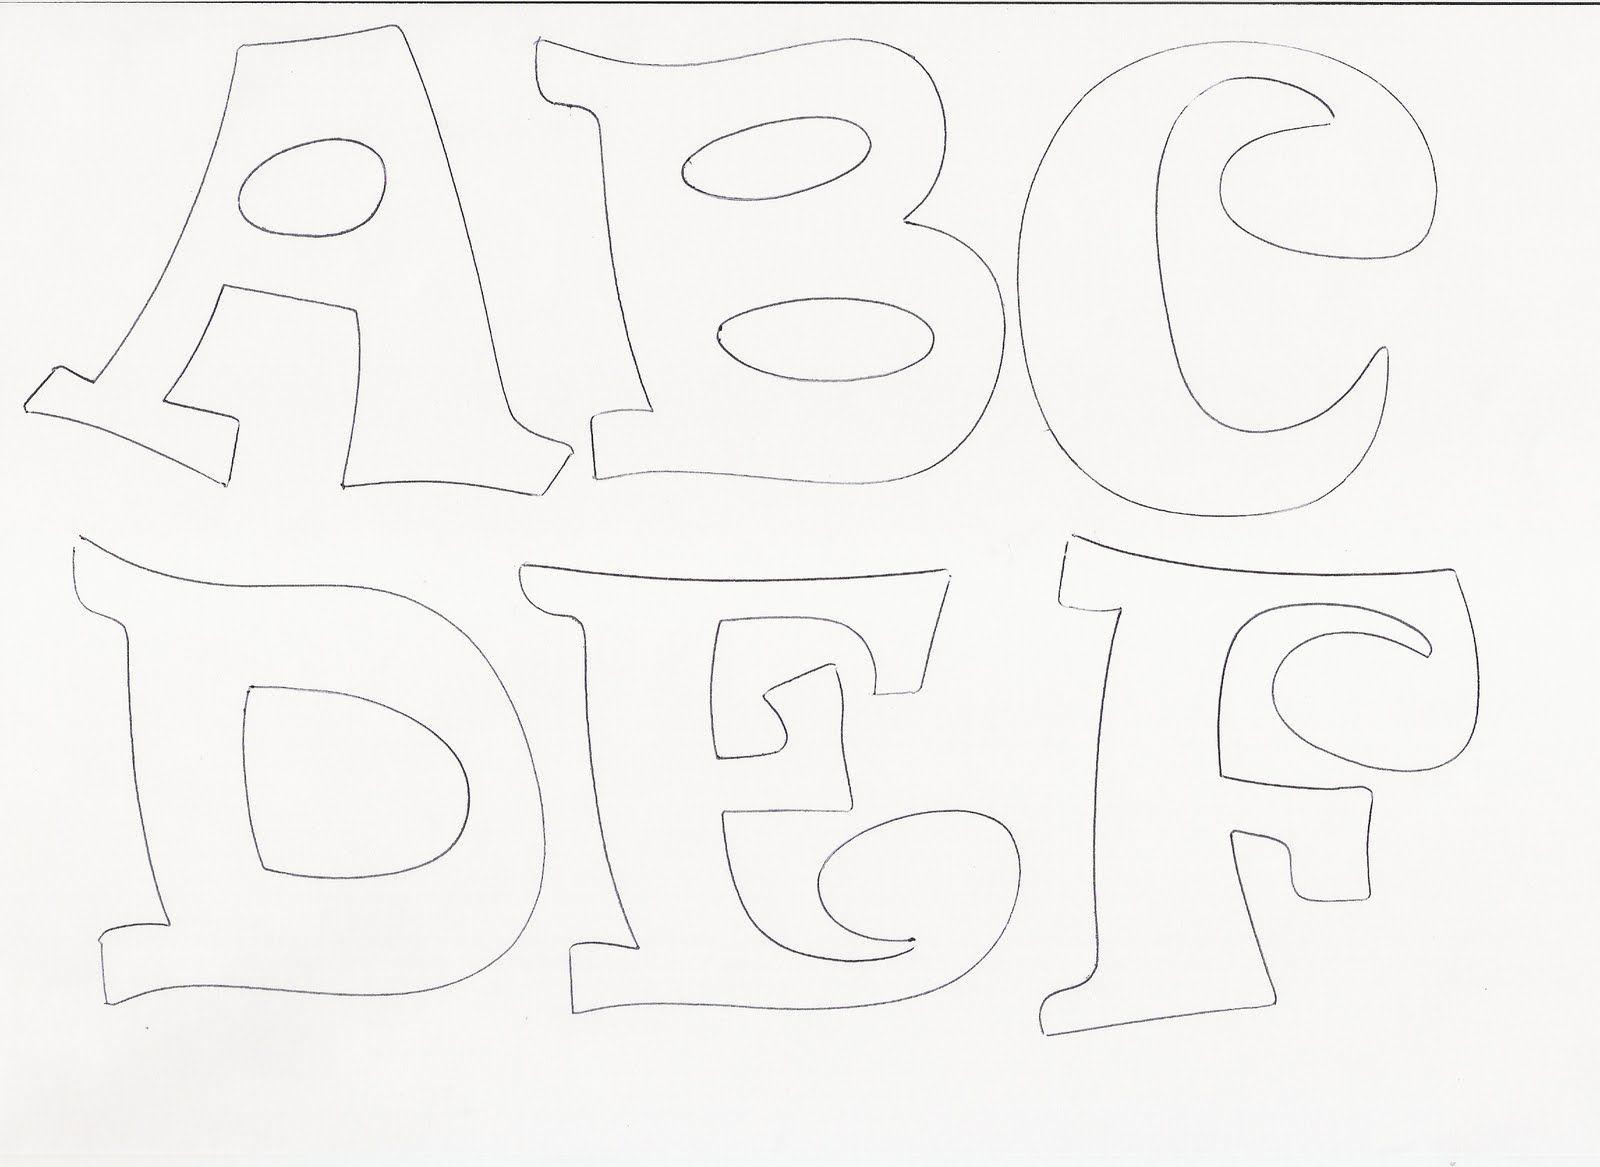 Letras Goticas Para Imprimir: Molde De Letras Para Imprimir Imagui Letratec Y Logos